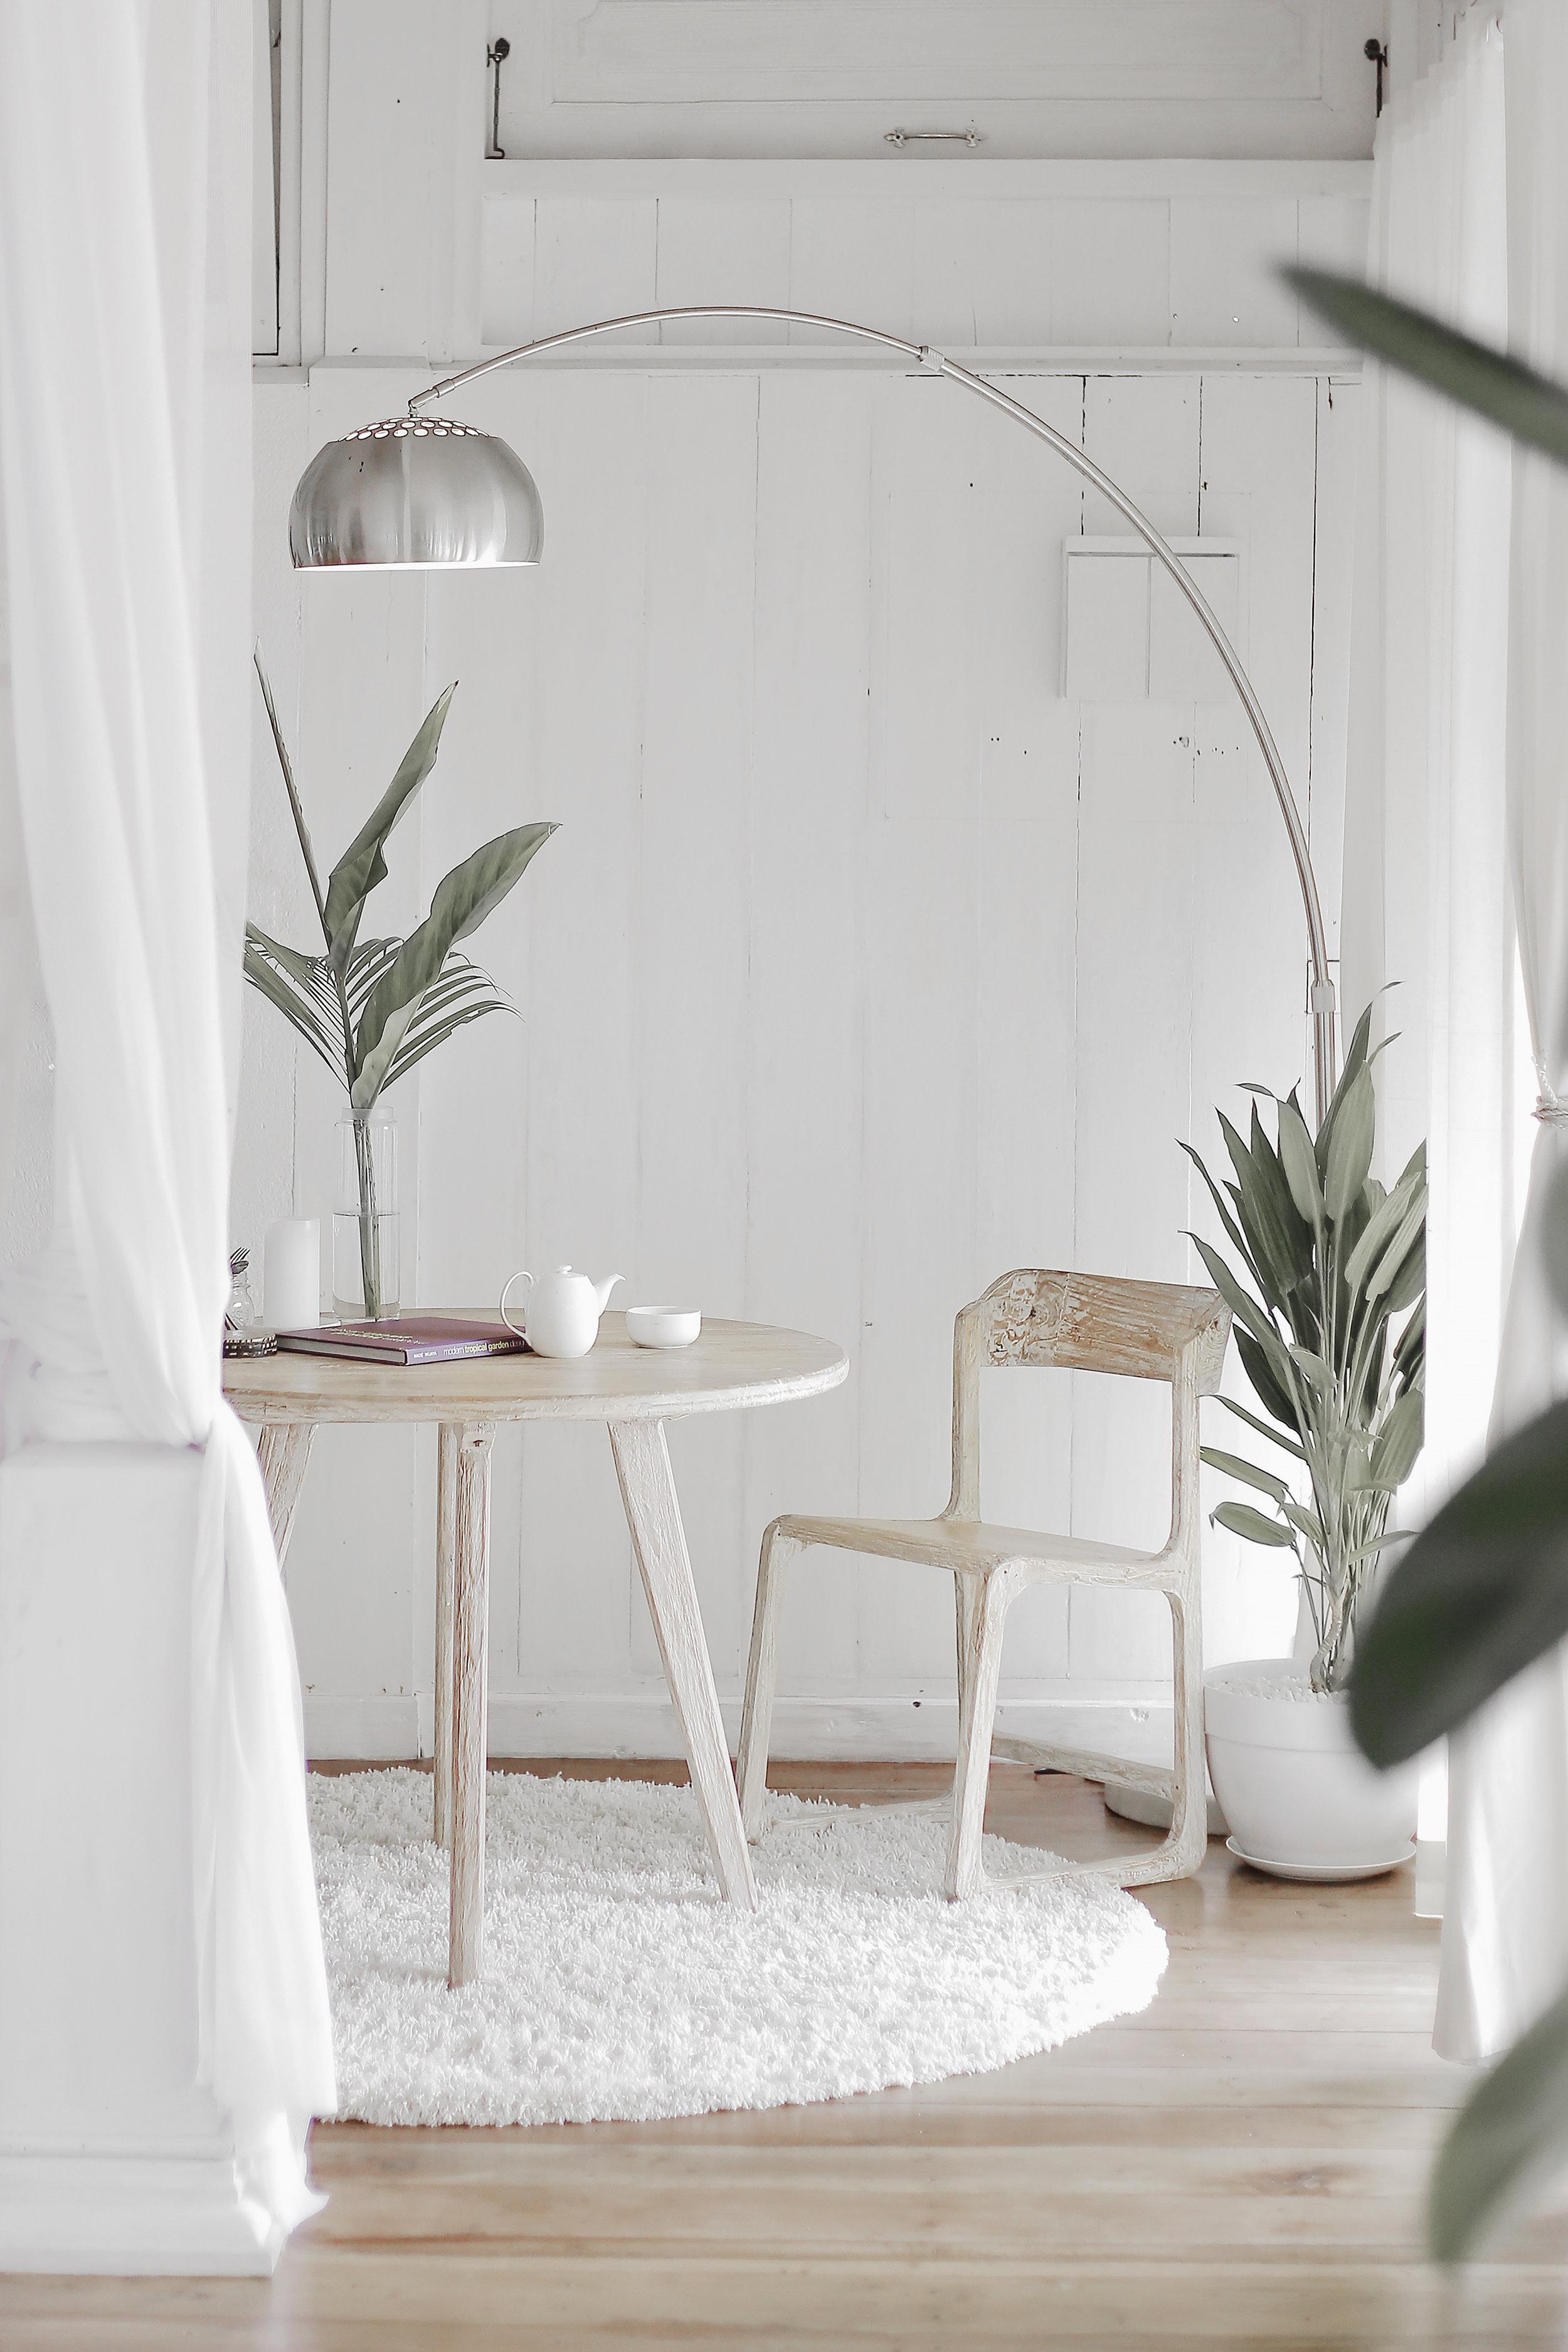 Contemporary room design